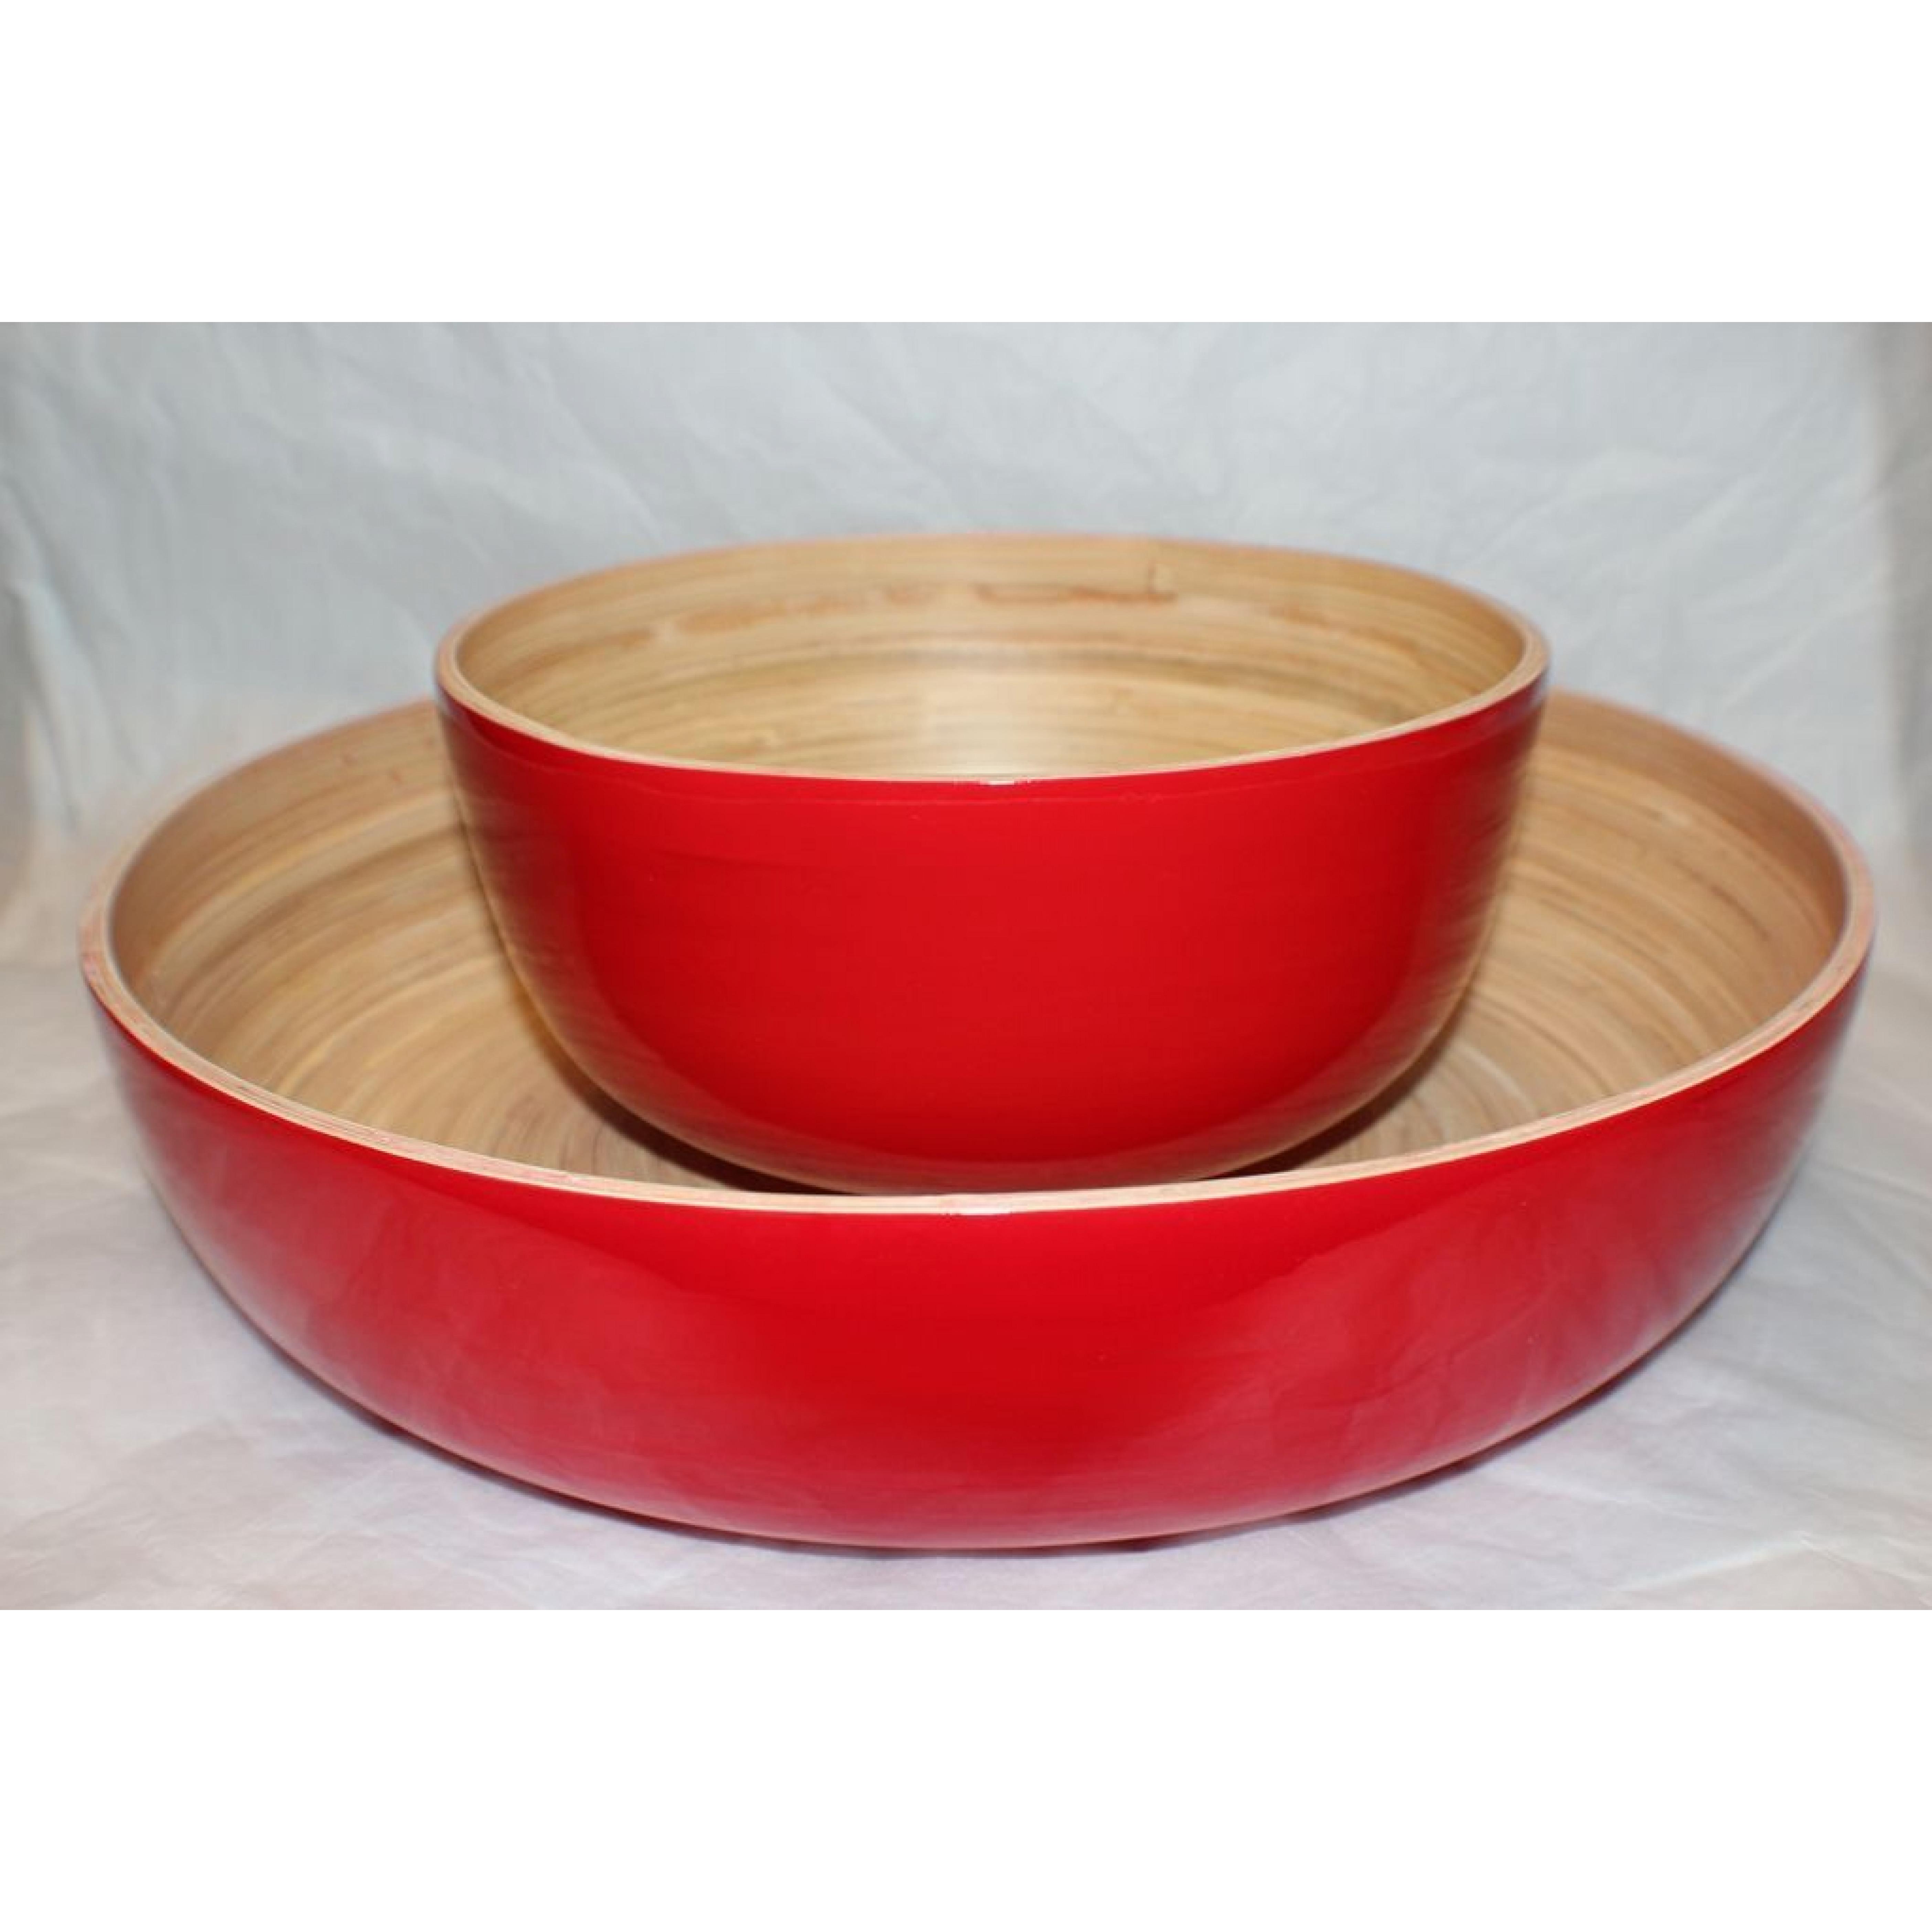 Bamboo Salad Bowl Red